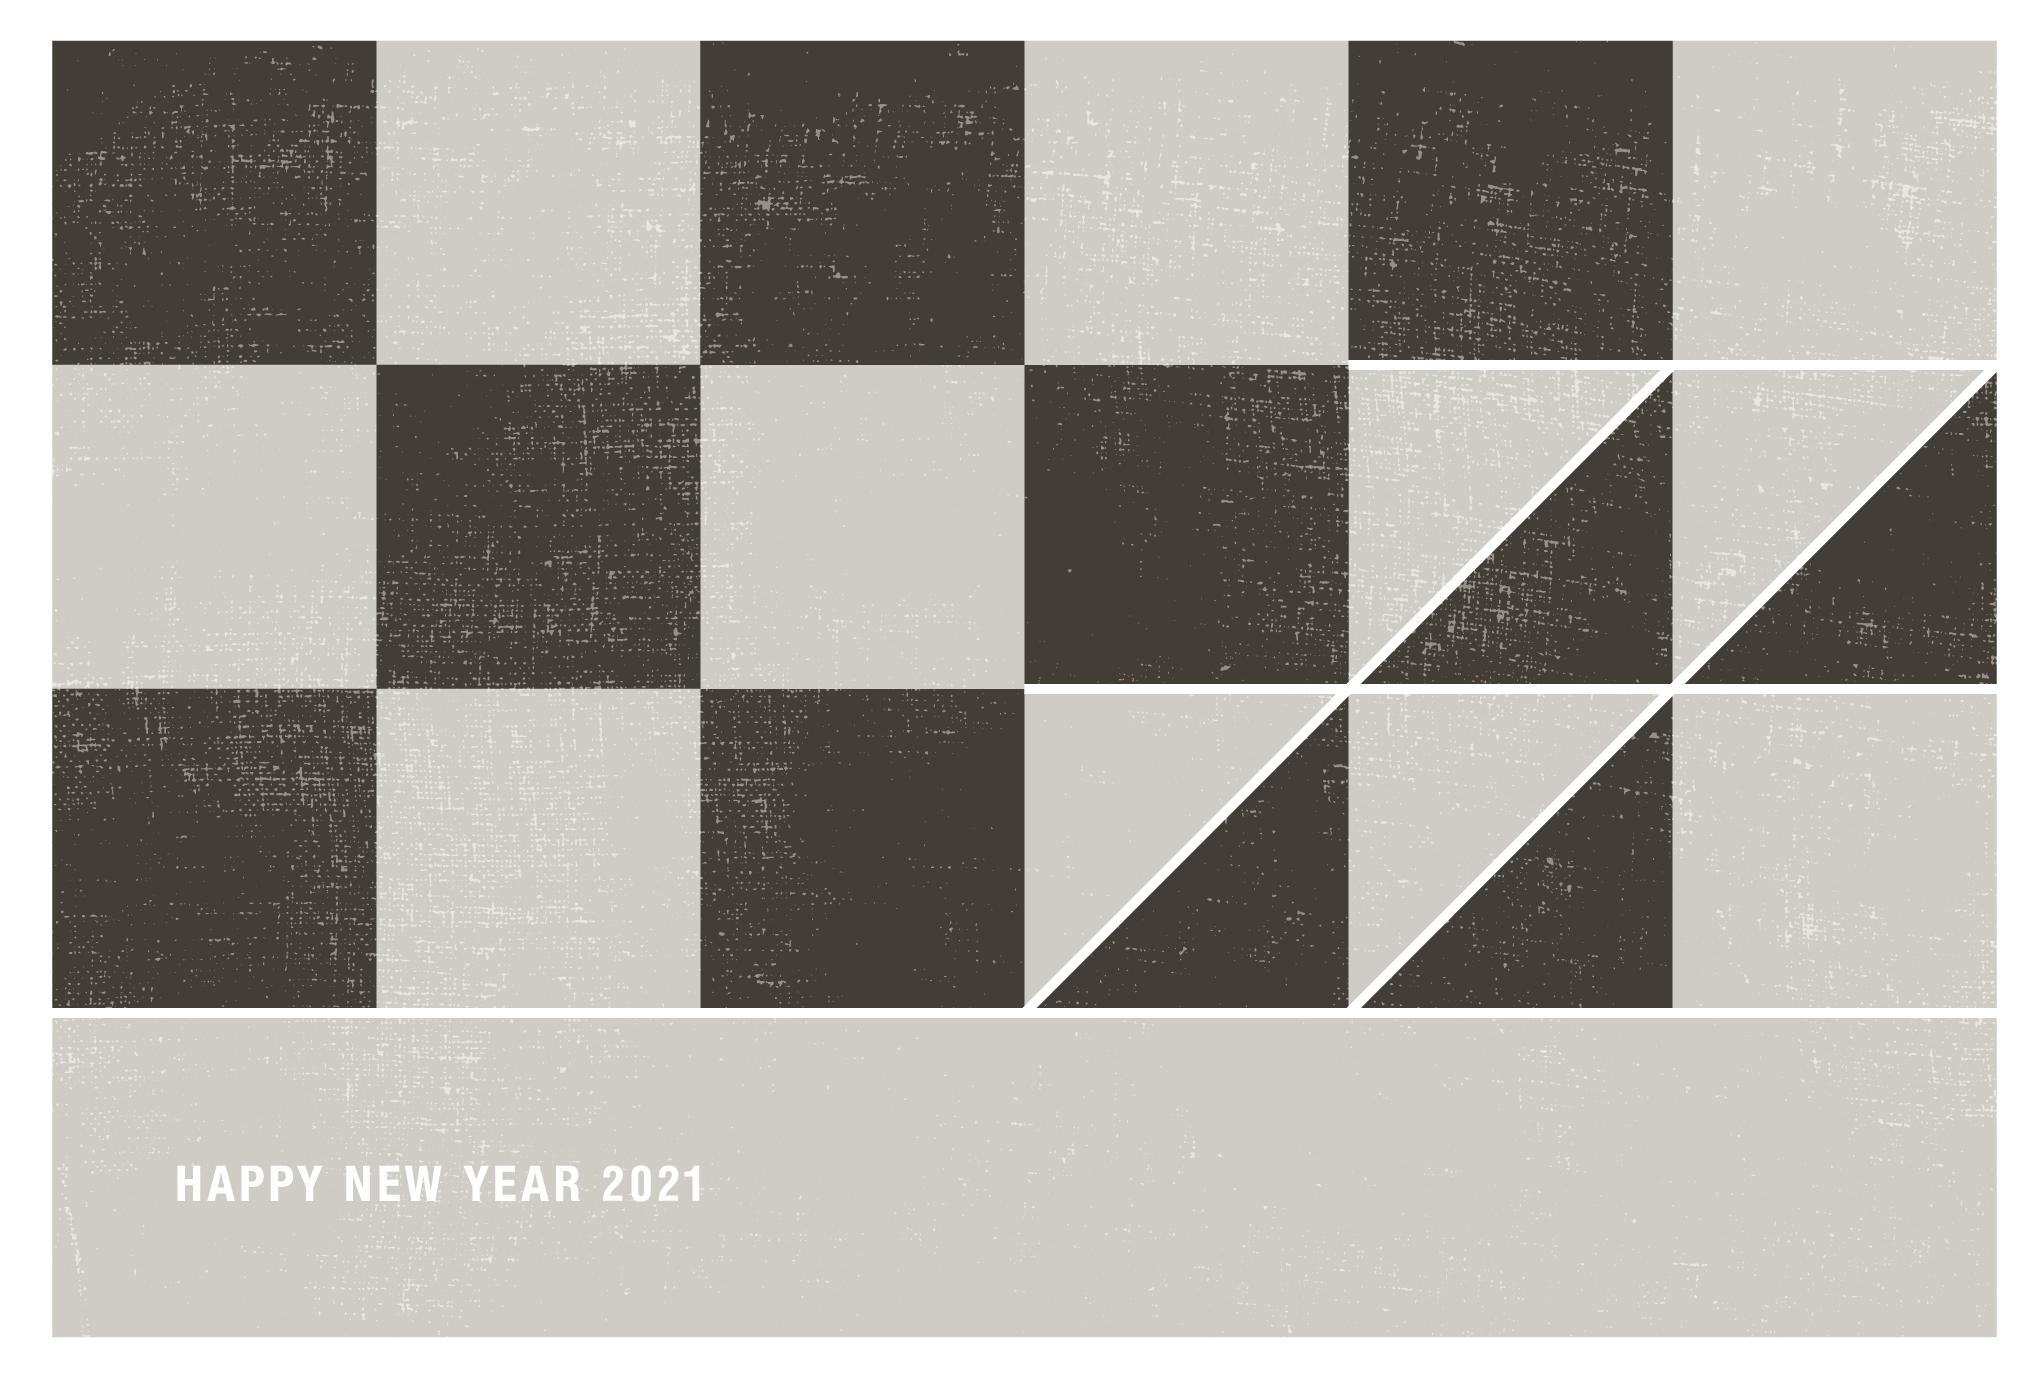 2021年賀状06-4:丑と市松模様(薄鈍)横のダウンロード画像